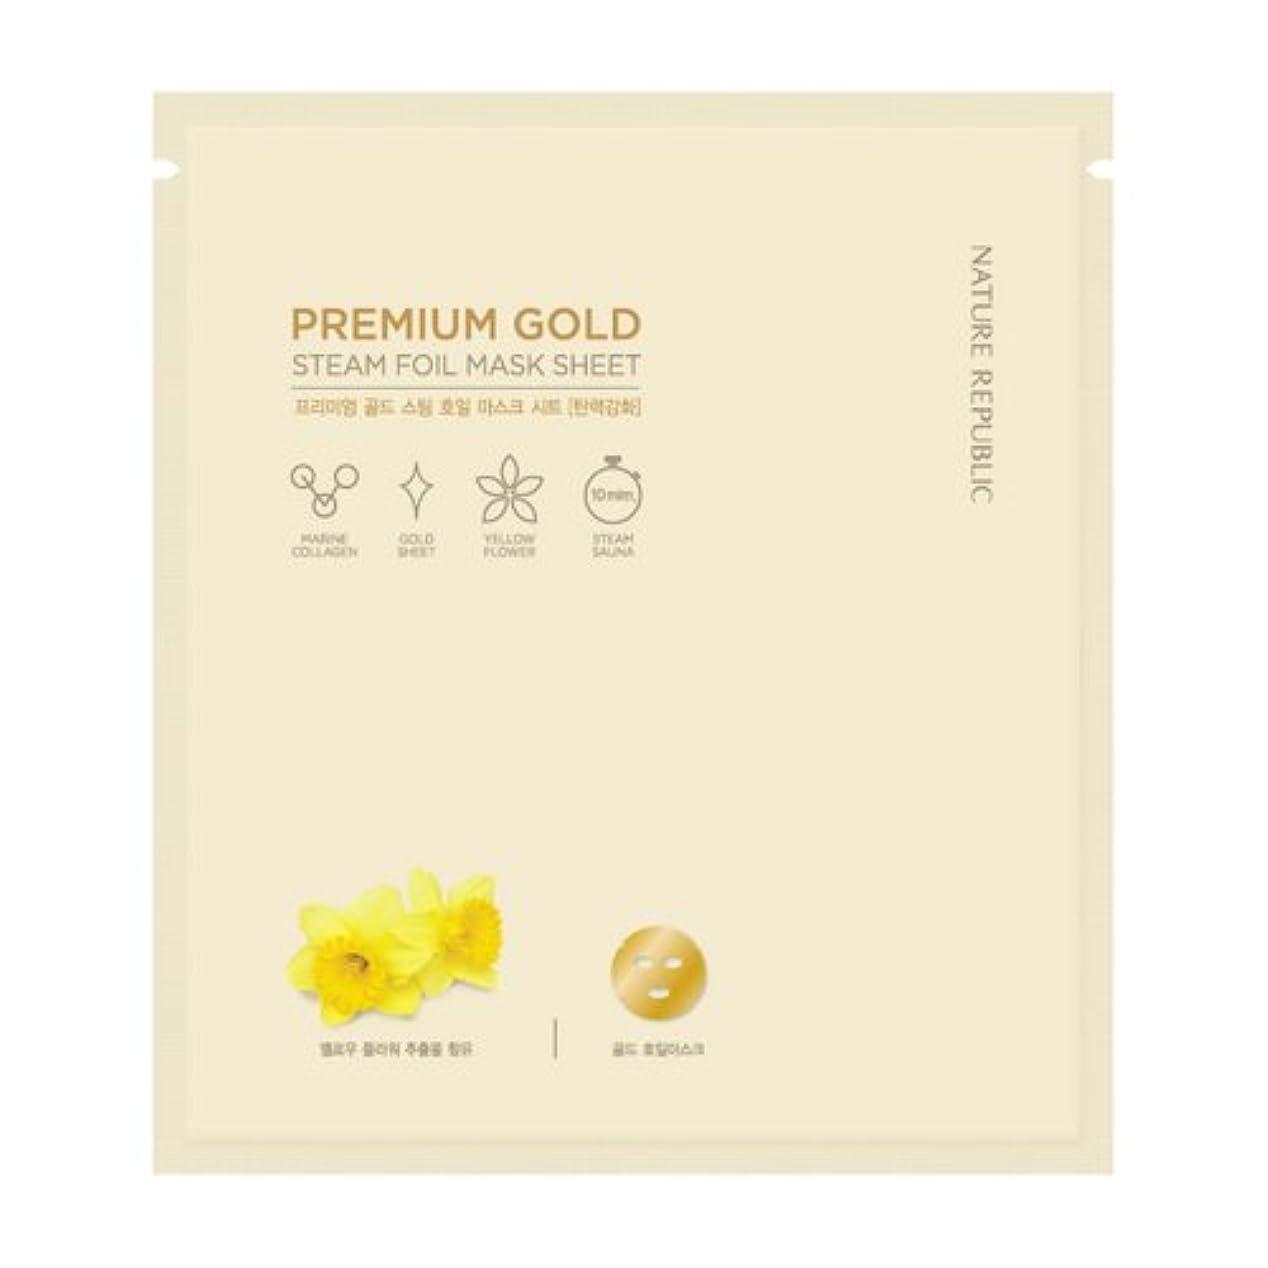 ラッドヤードキップリング奇跡反逆Nature Republic Premium Gold Steam Foil Mask Sheet [5ea] ネーチャーリパブリック プレミアムゴールドスチームホイルマスクシート [5枚] [並行輸入品]